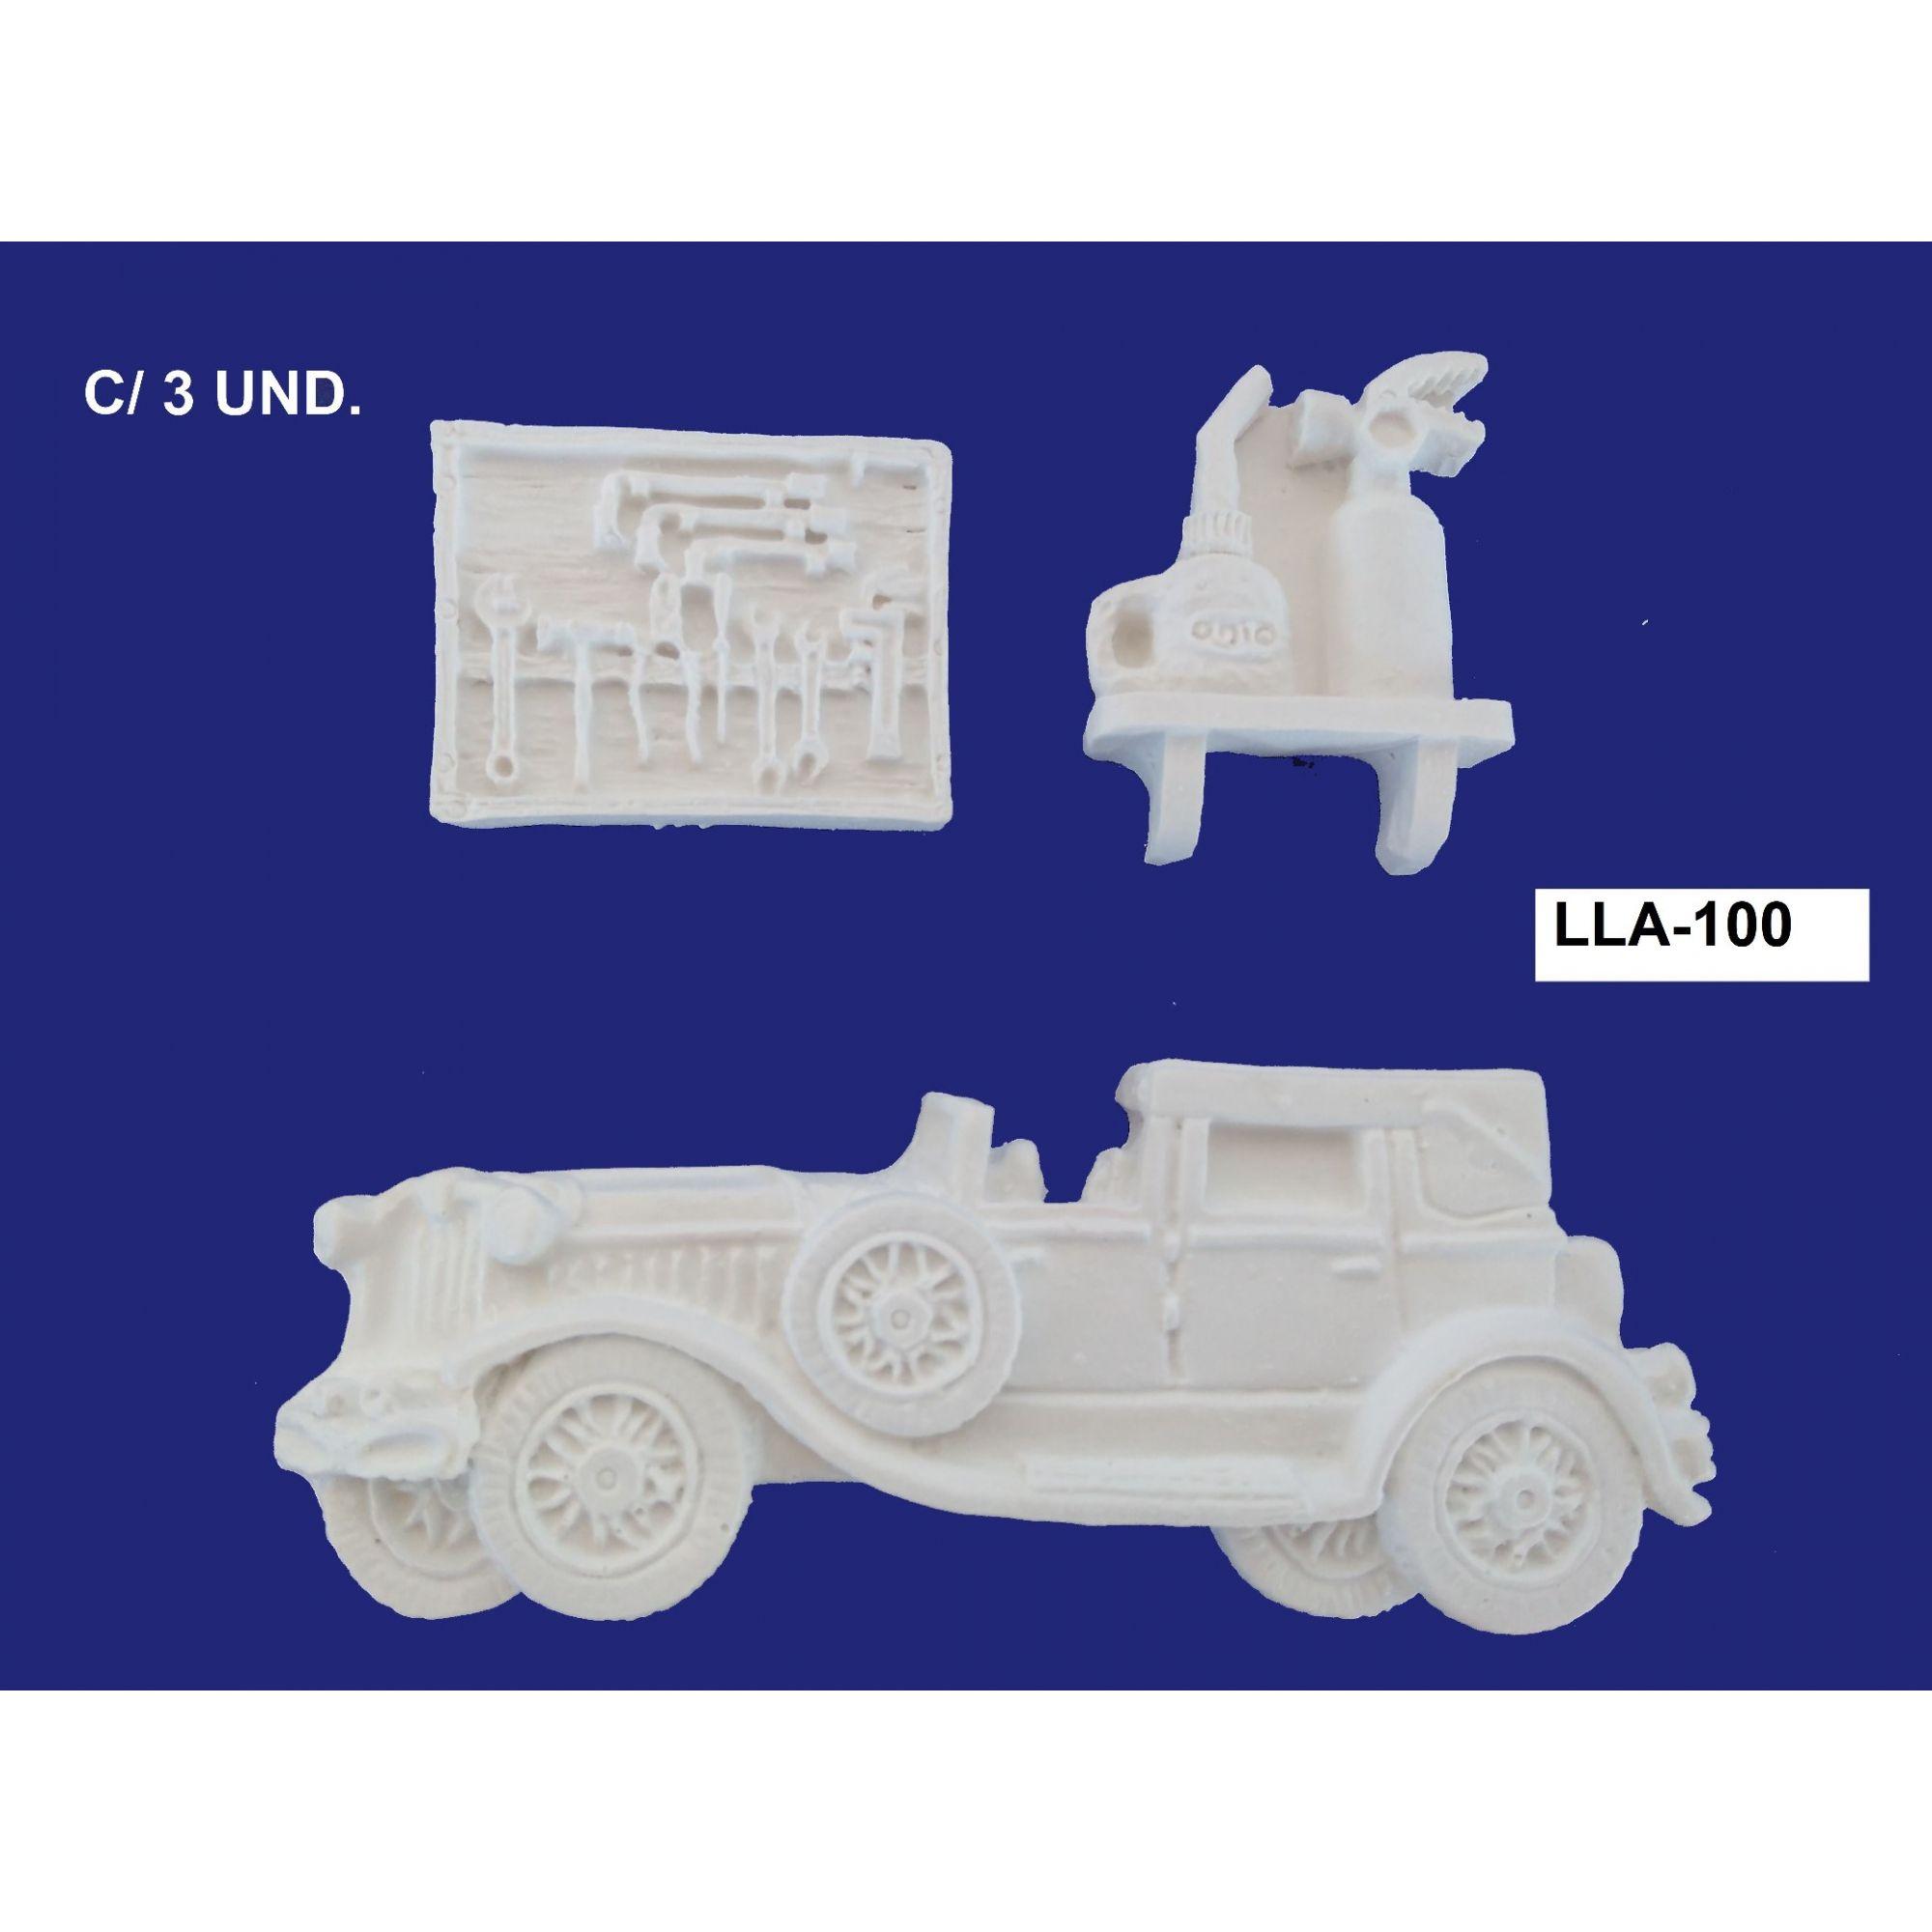 LLA-100 APLIQUE KIT CARRO C/ 3 UND.